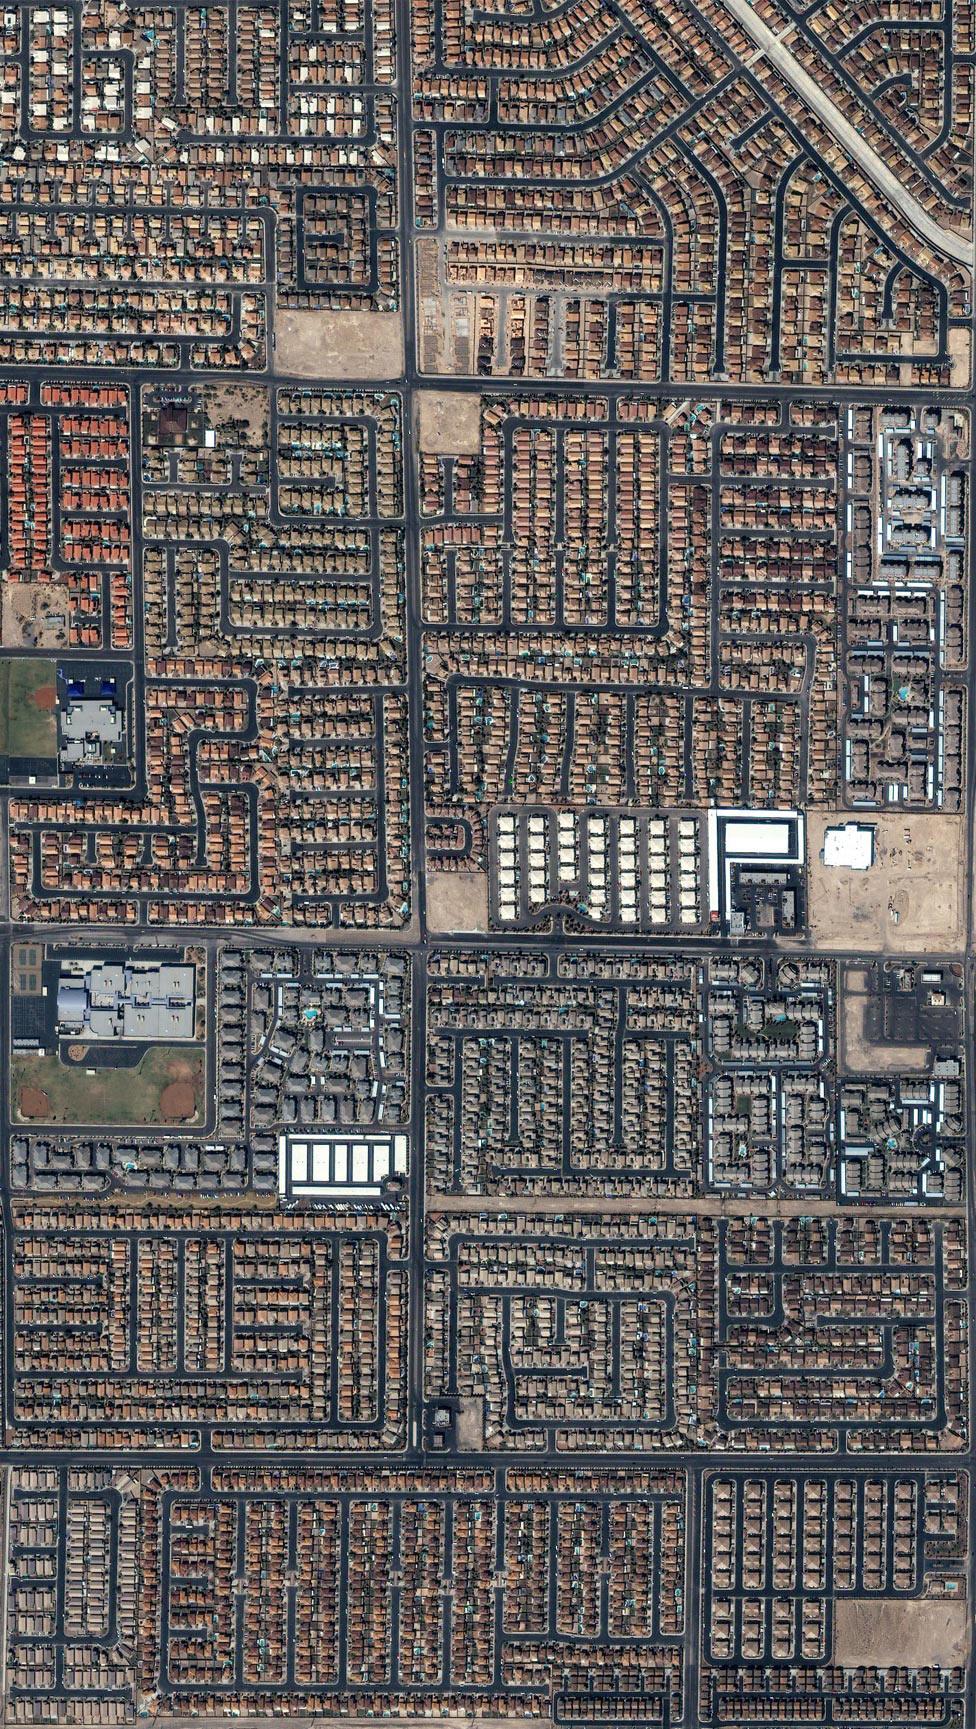 Дома и улицы шумного Лас-Вегаса, фото со спутника